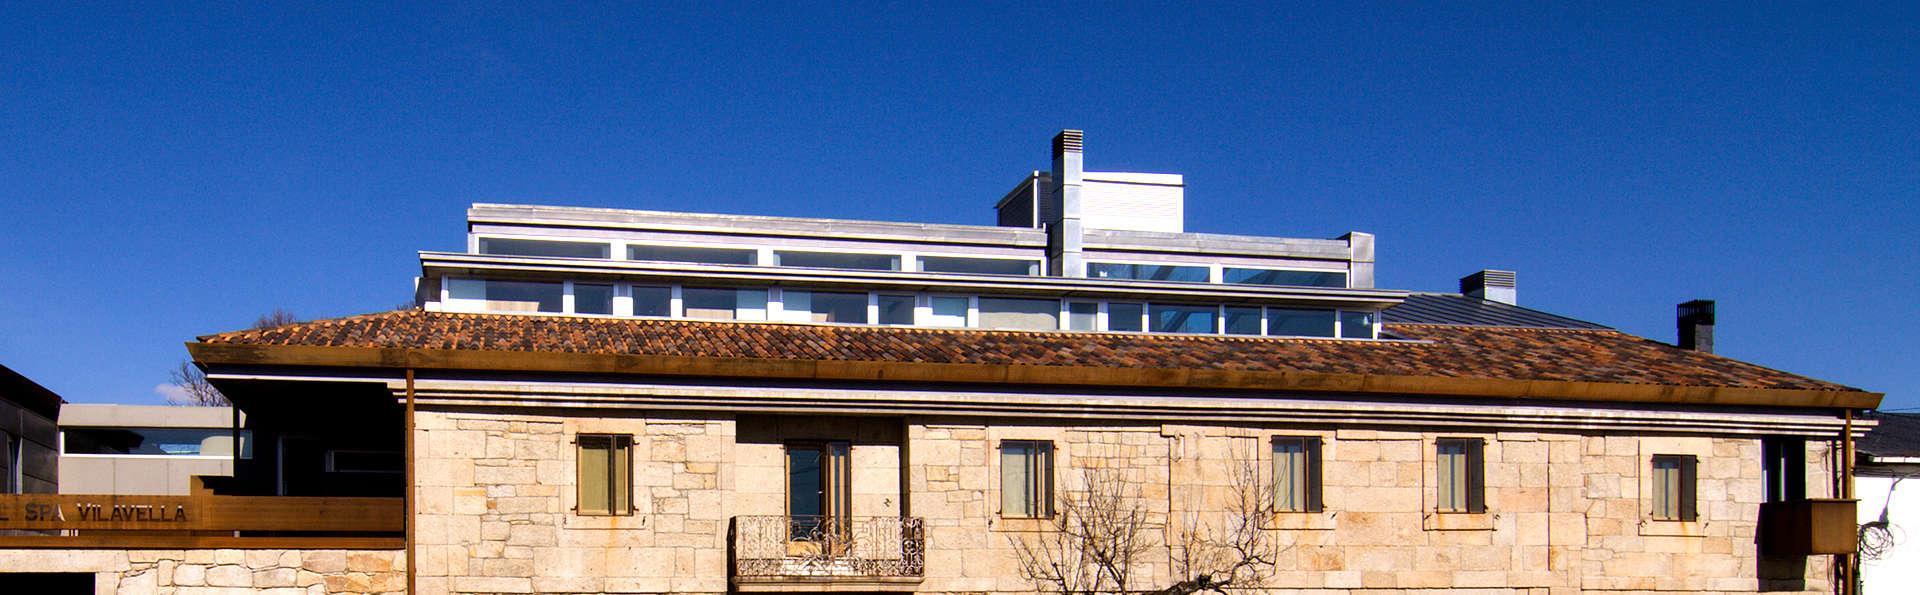 Hotel Spa Vilavella - Edit_Fronmt.jpg